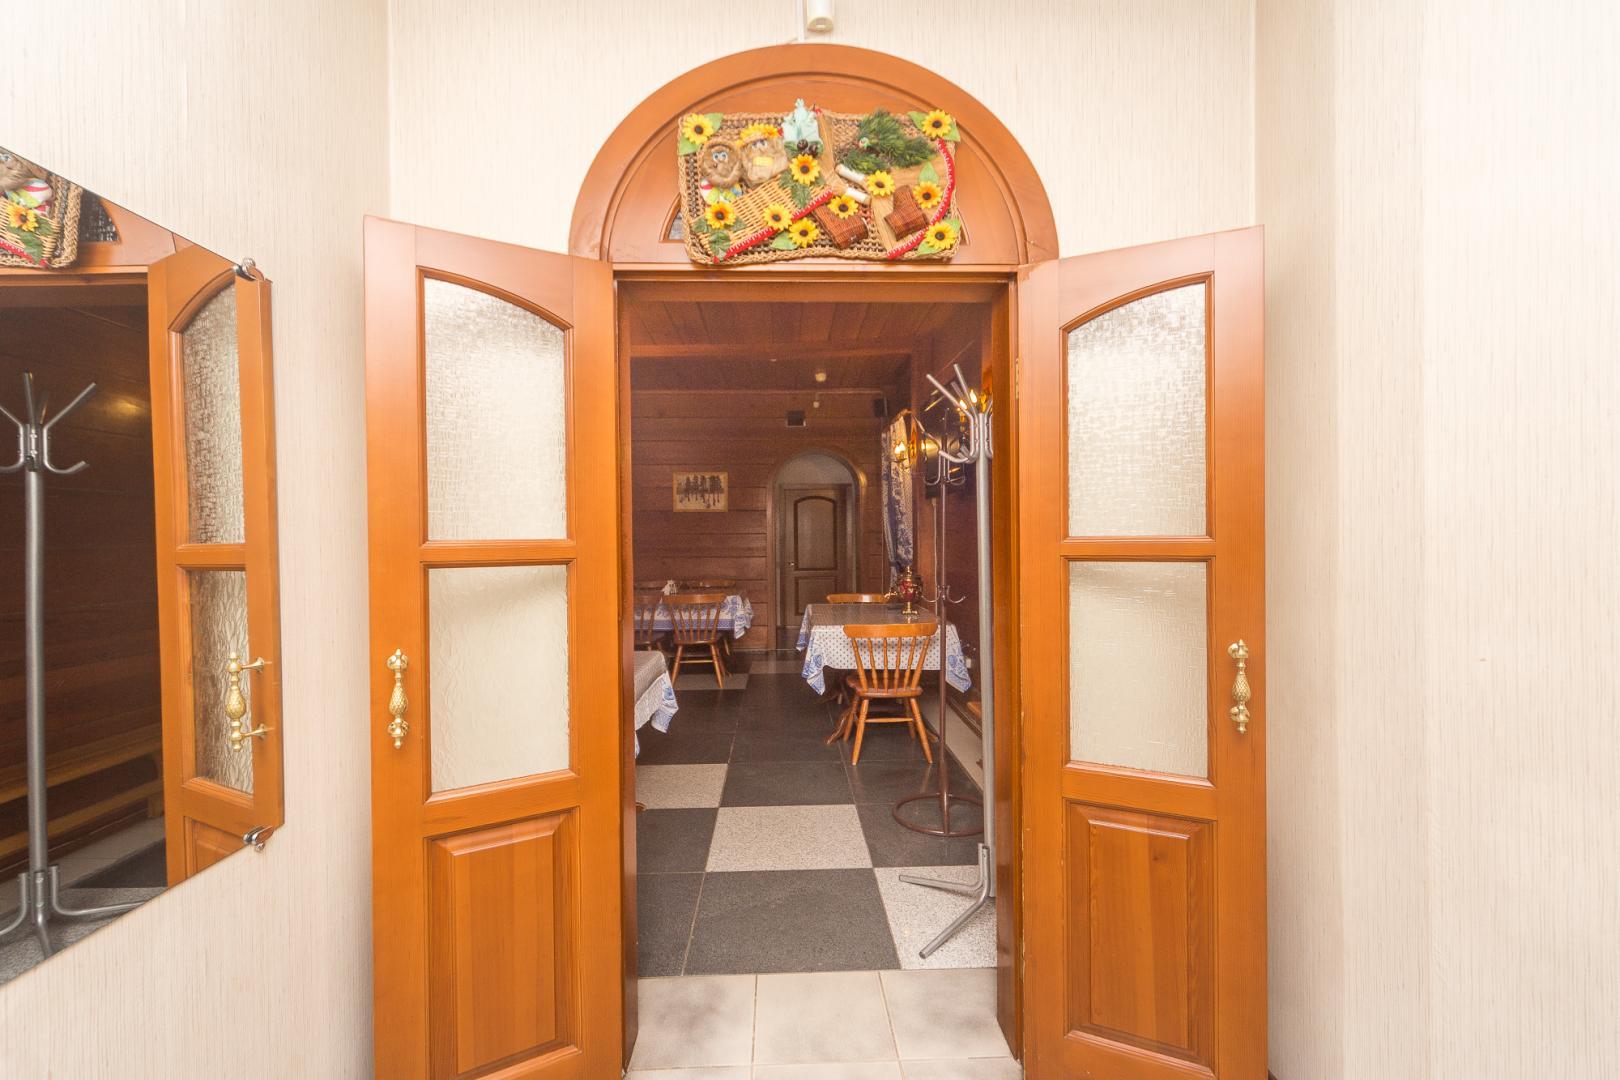 Public Catering на продажу по адресу Россия, Иркутская область, городской округ Иркутск, Иркутск, Волжская улица, 51Б